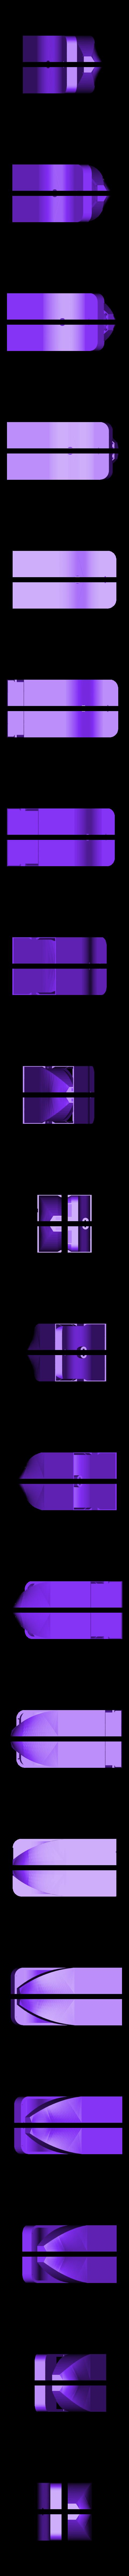 TRUPsoftLvetsi dira pro hridel 4dily.stl Download STL file MONAKO RC MODEL BOAT TUG • 3D printable template, maca-artwork